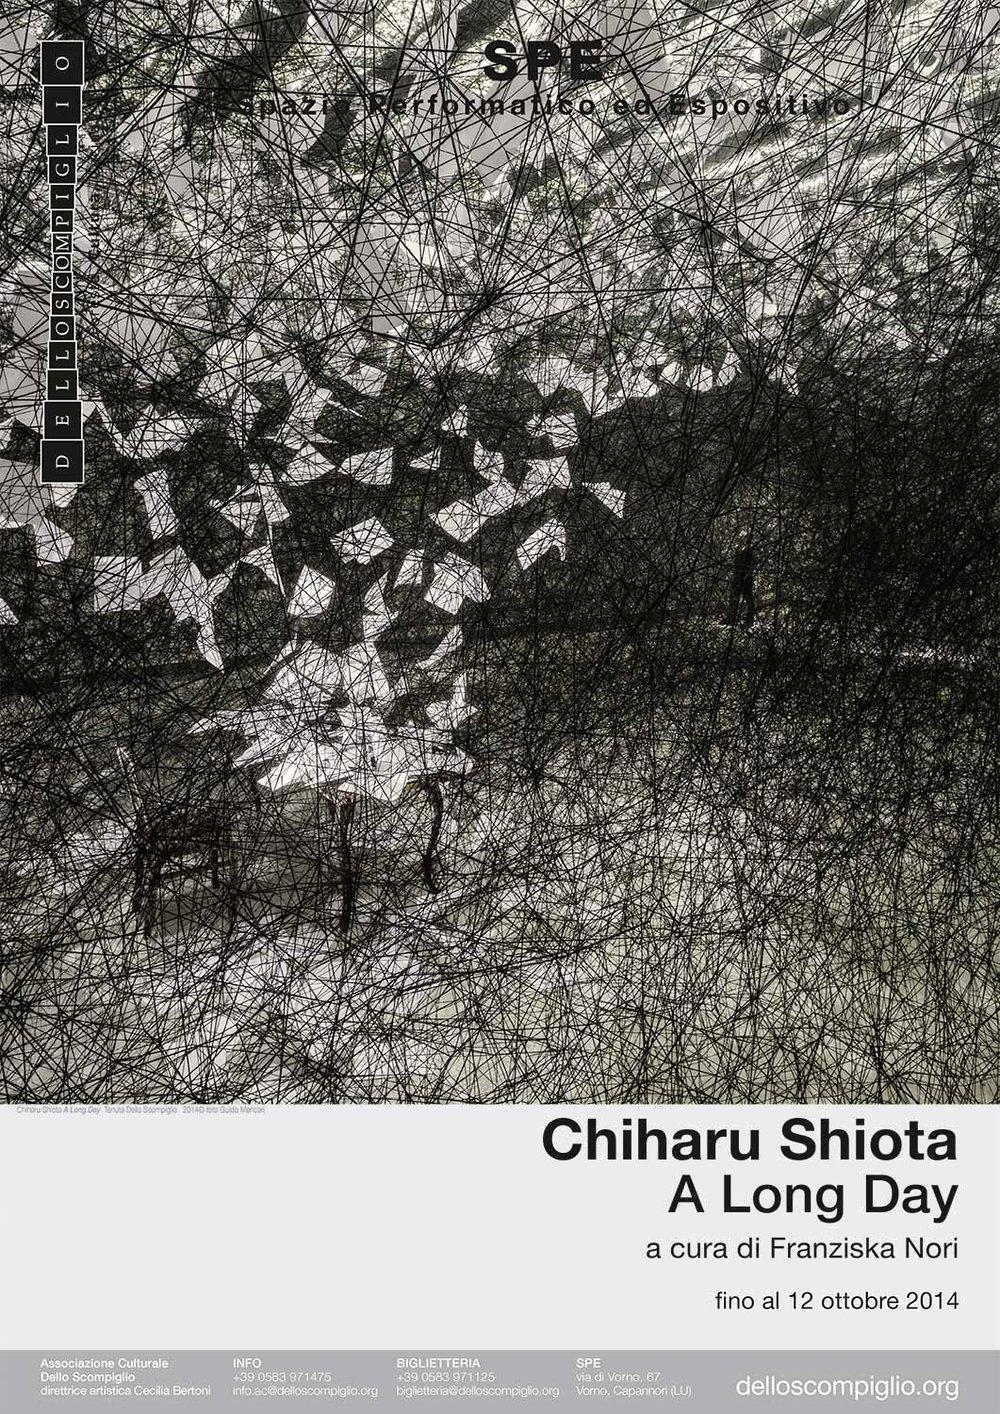 Chiharu Shiota   A long day    Poster   Associazione Culturale Dello Scompiglio, 2014